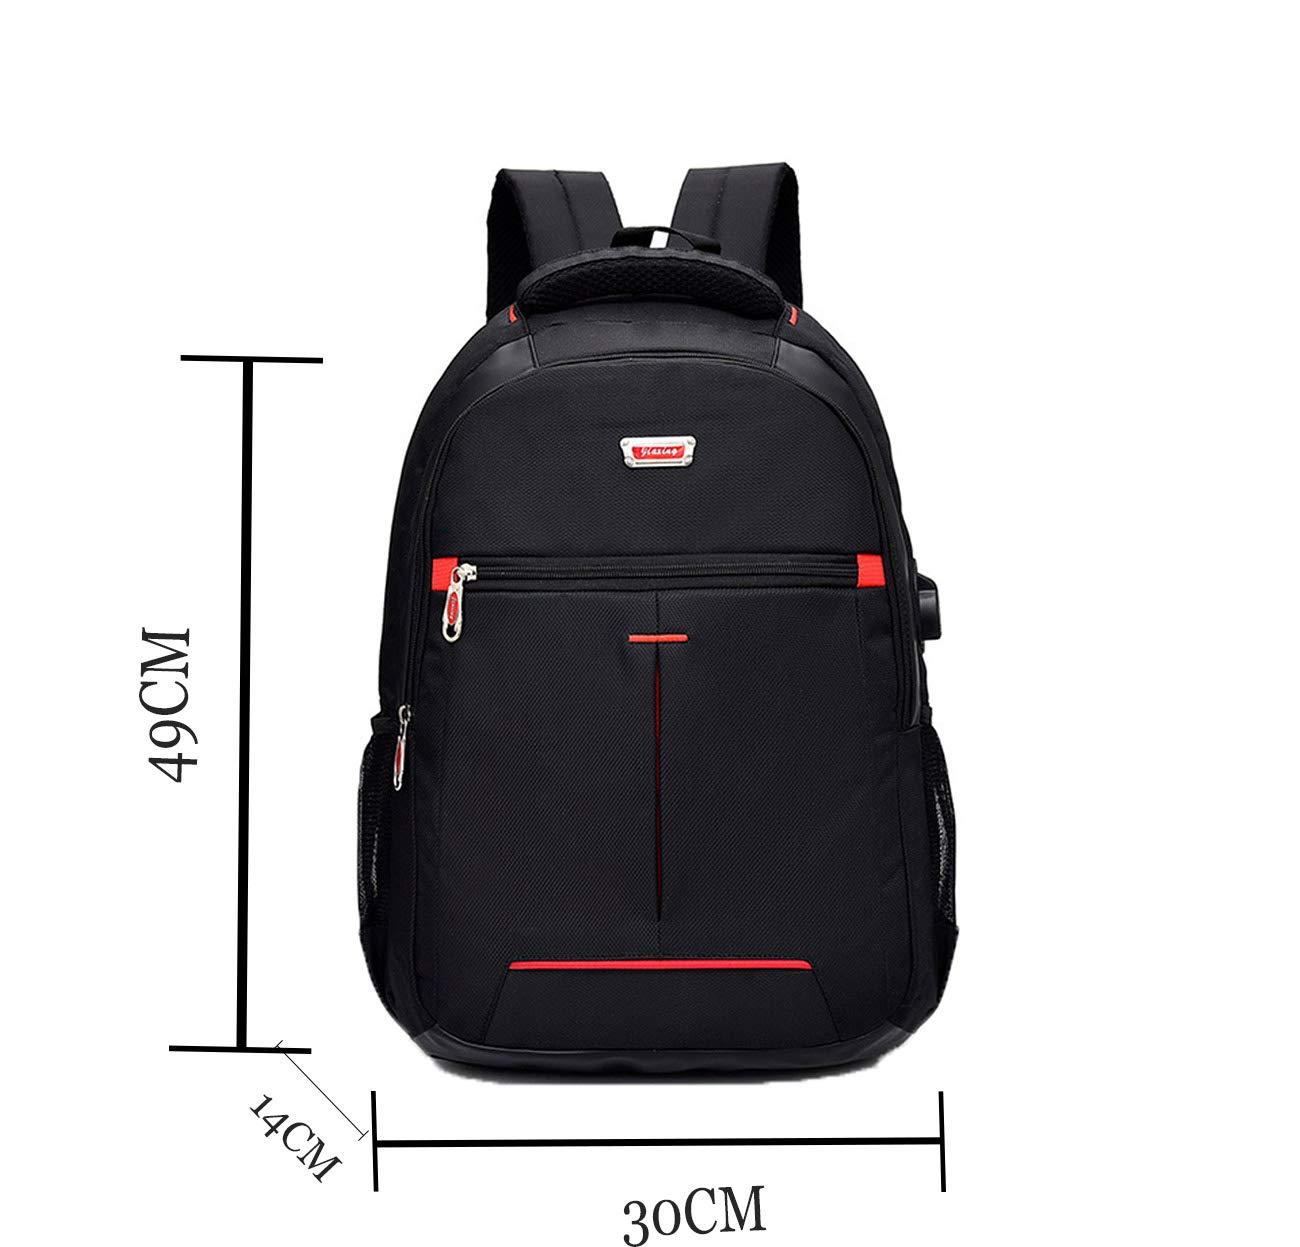 a86008ec39cdd ZSbag Mit USB Jungen Schultasche Unisex Laptop Rucksack Wasserdicht  Schulrucksack Junior Nylon Ranzen Groß Jugendliche Backpack (Schwarz1)   Amazon.de  ...